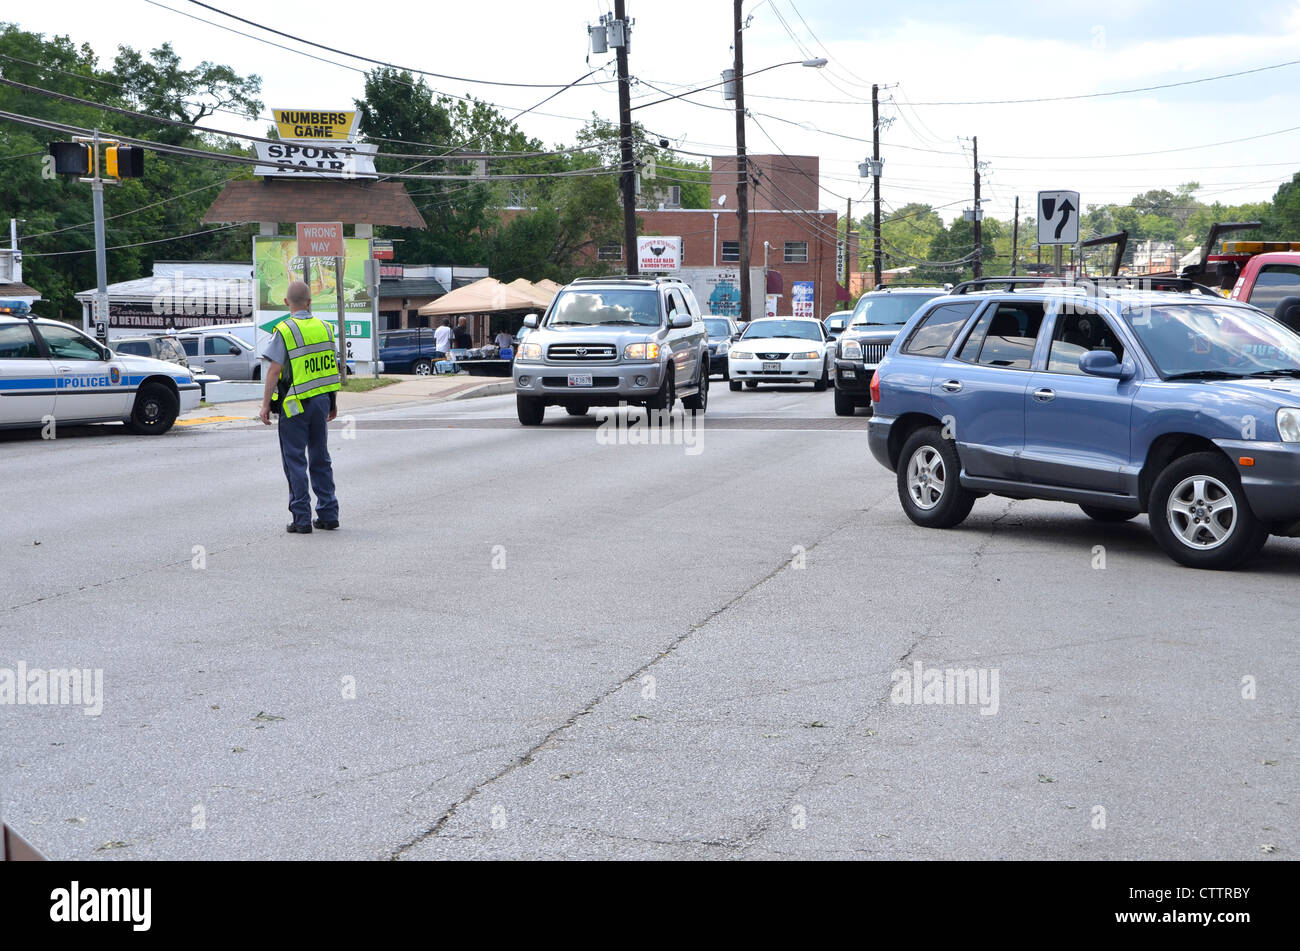 Diriger la circulation de la police après une panne d'éliminé les feux de circulation à Photo Stock